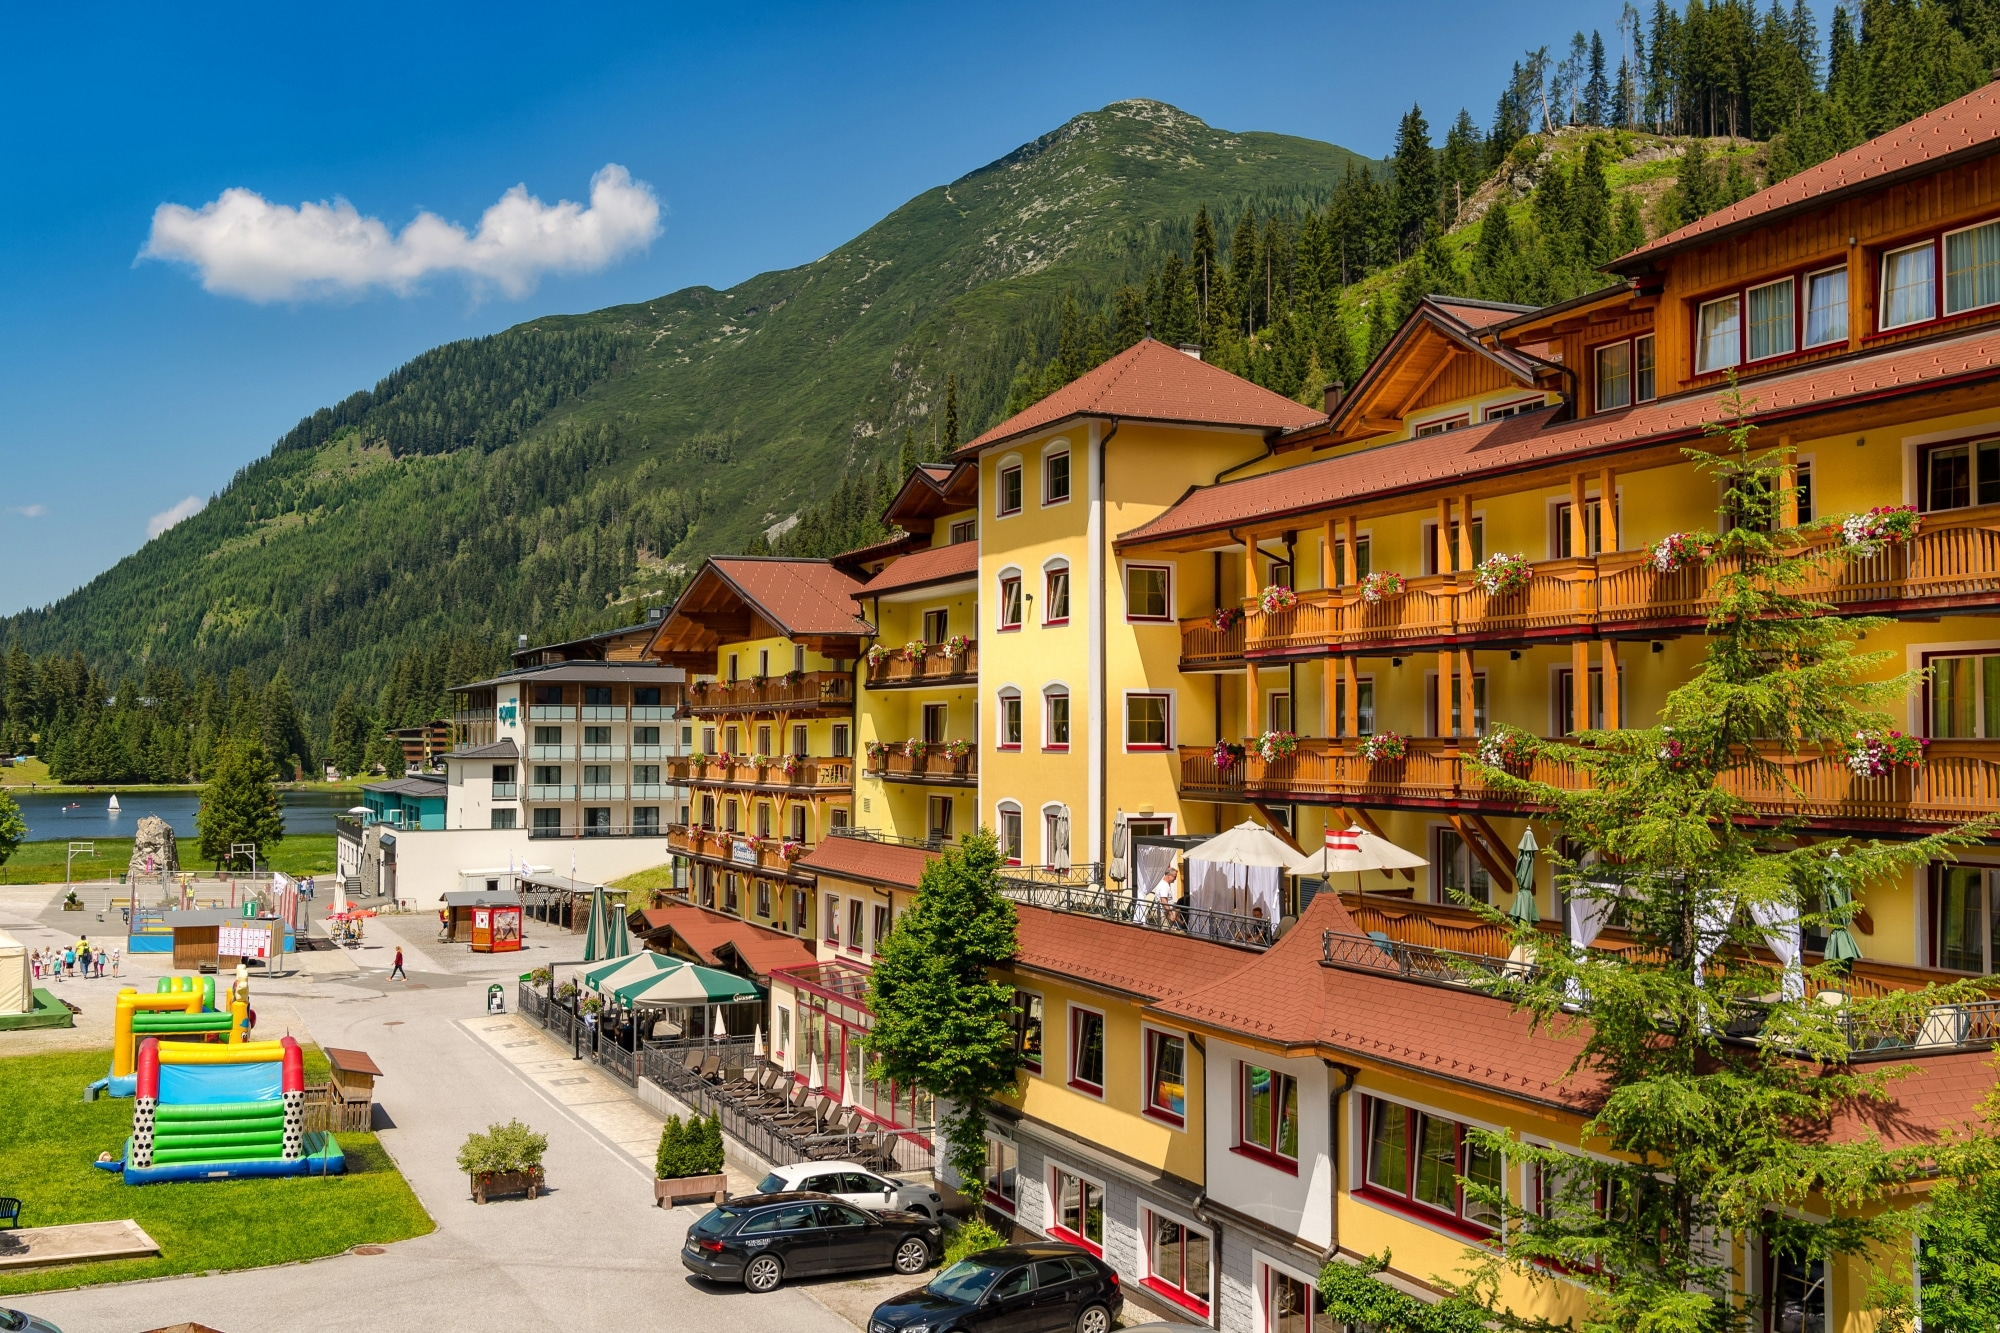 Familienhotel Zauchenseehof von außen im Sommer